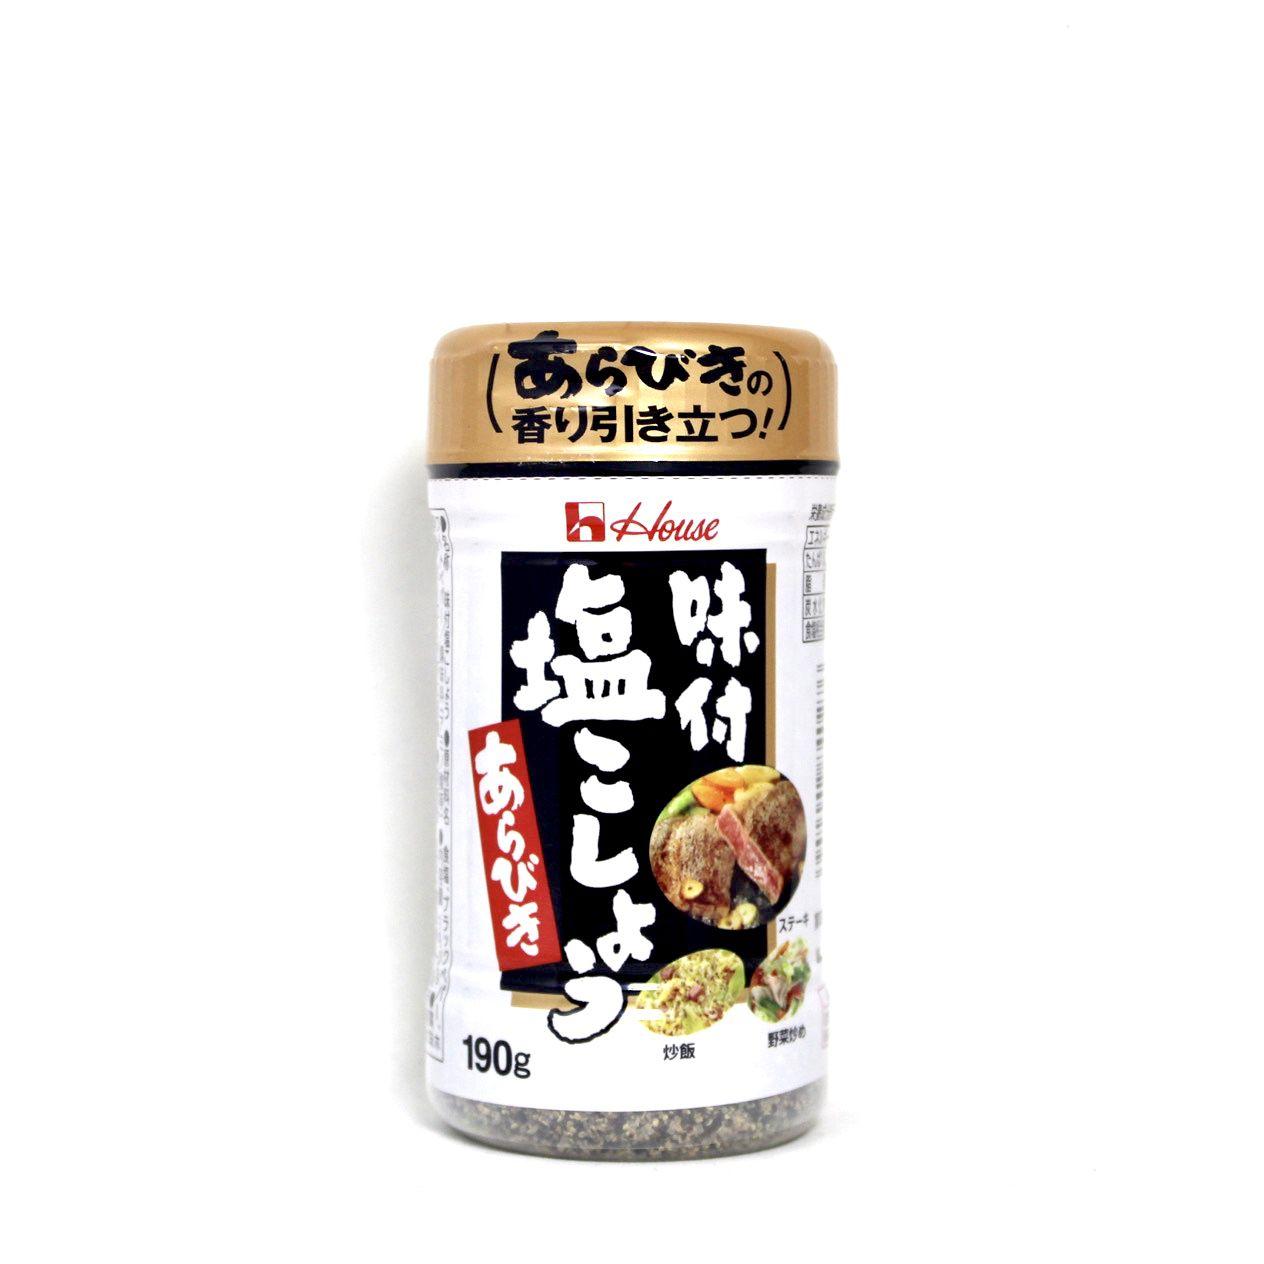 HOUSE SHIO KOSHO AJI 190g